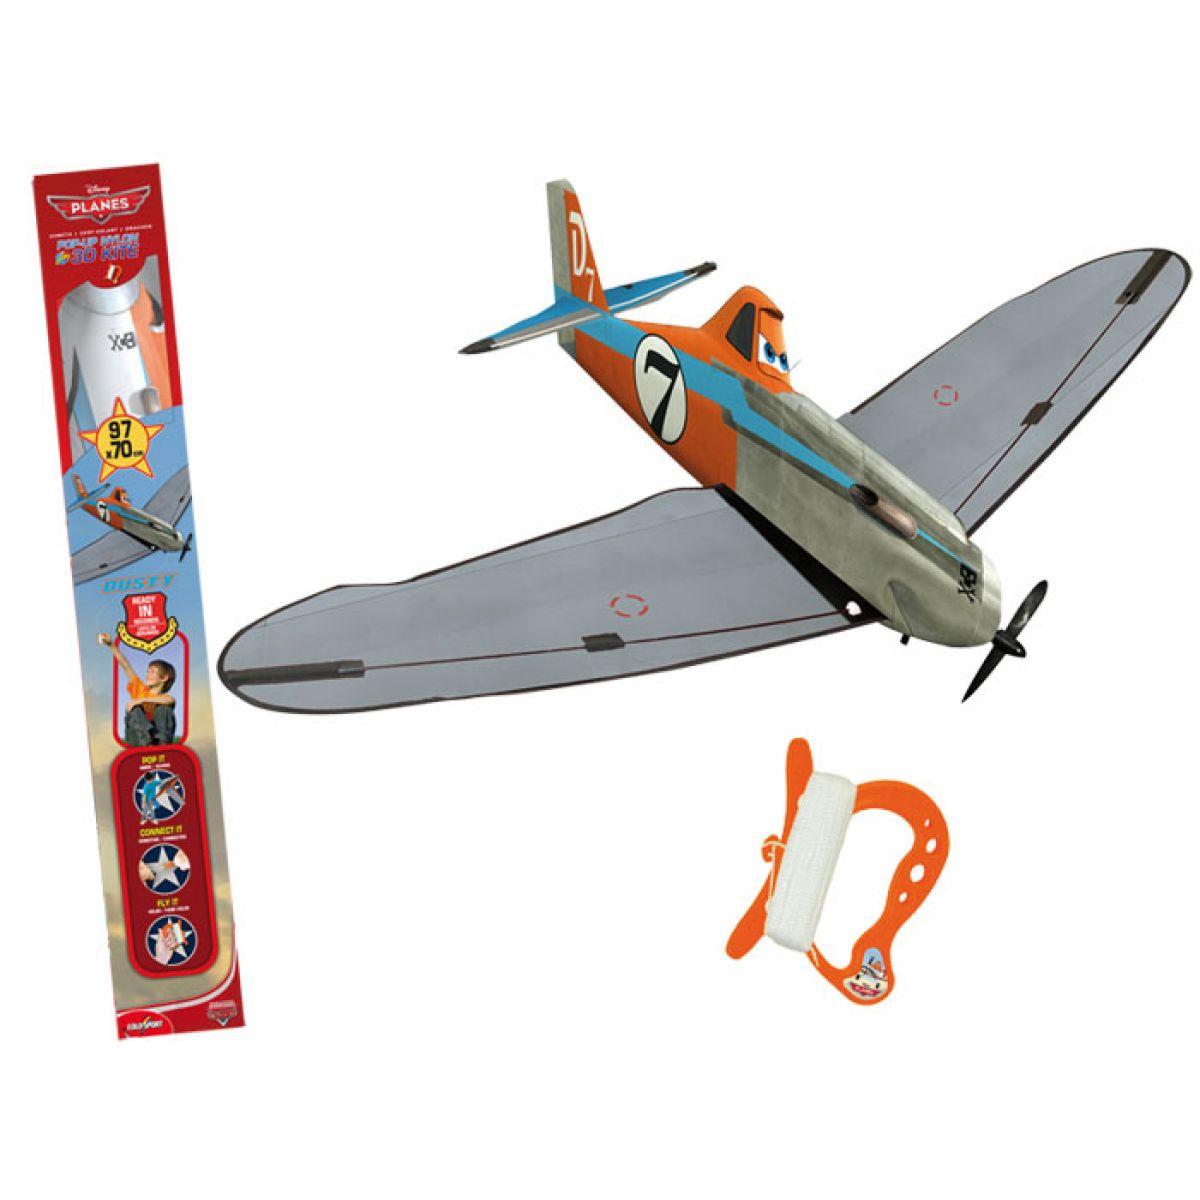 Eolo Planes Drak 3d Dusty 97 x 70 cm